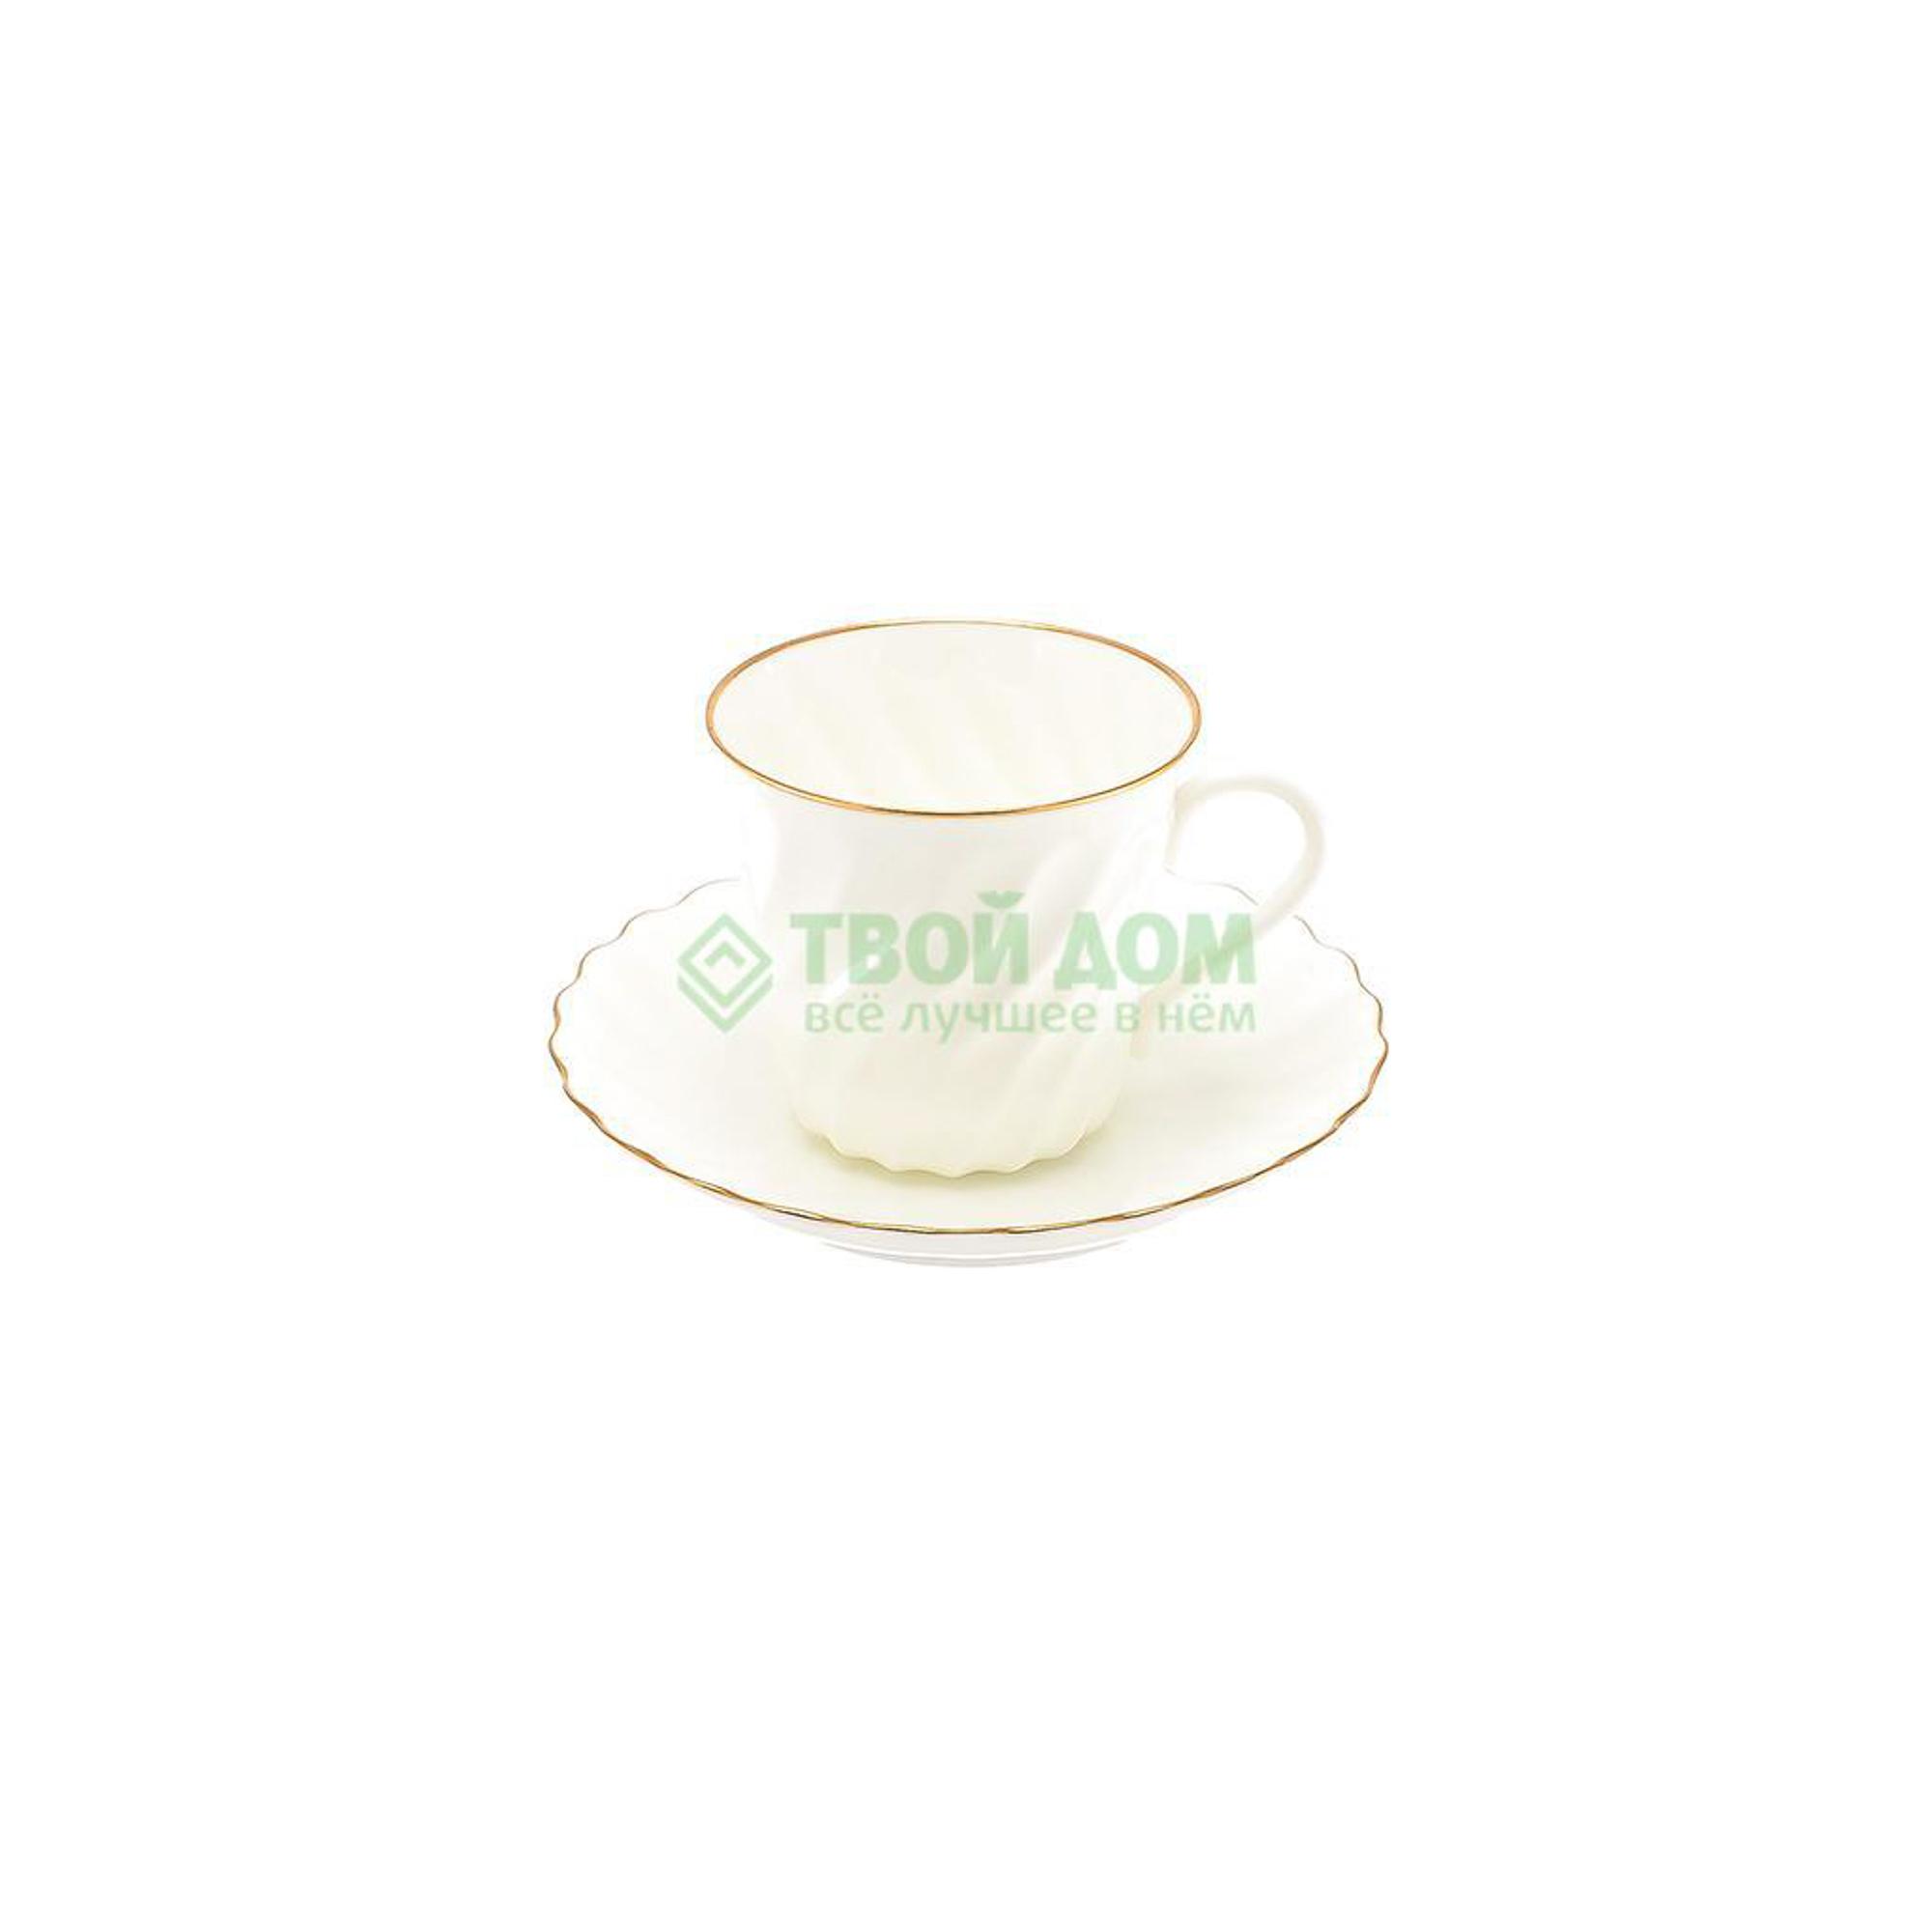 Чашка с блюдцем Лфз (8113928001) чашка с блюдцем весна windsor